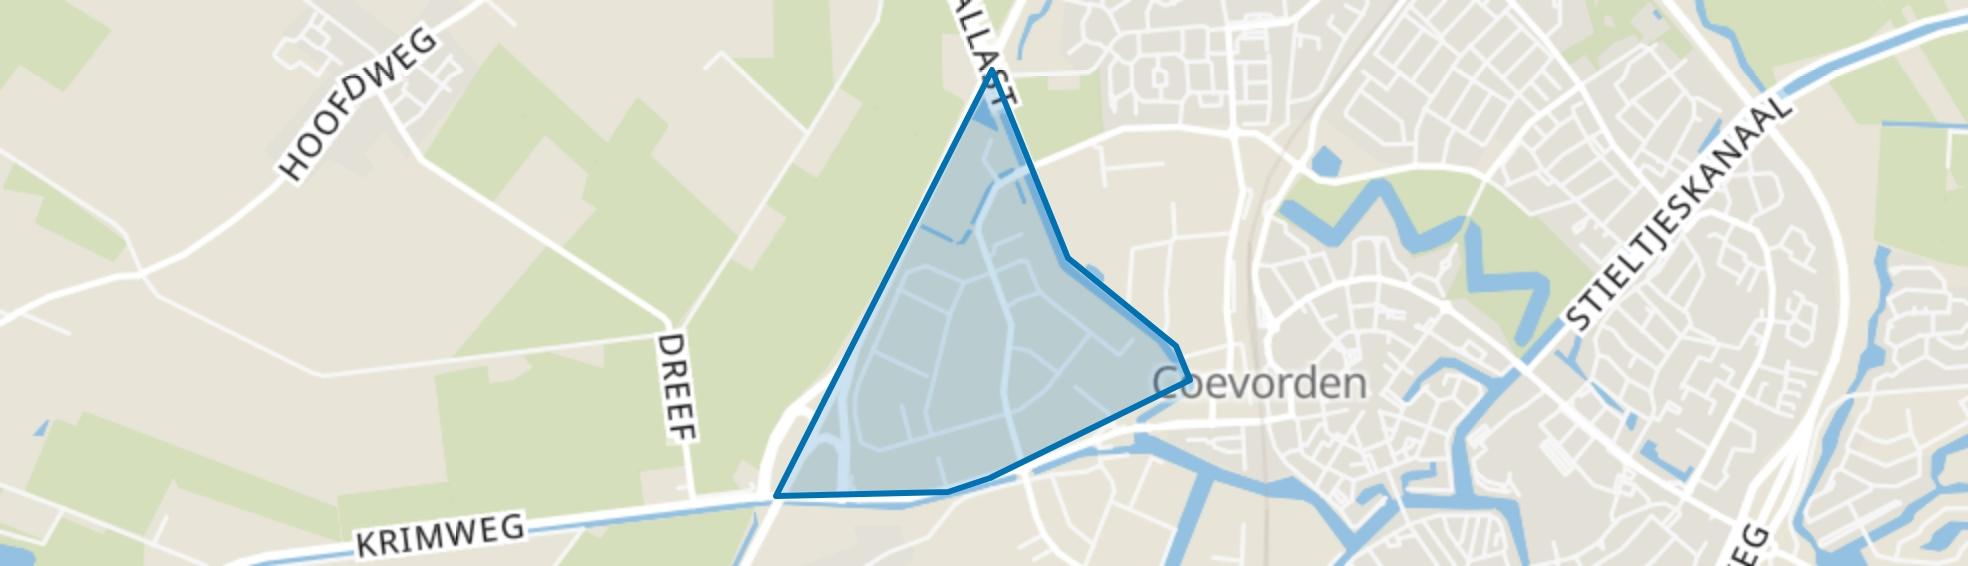 Hare, Coevorden map